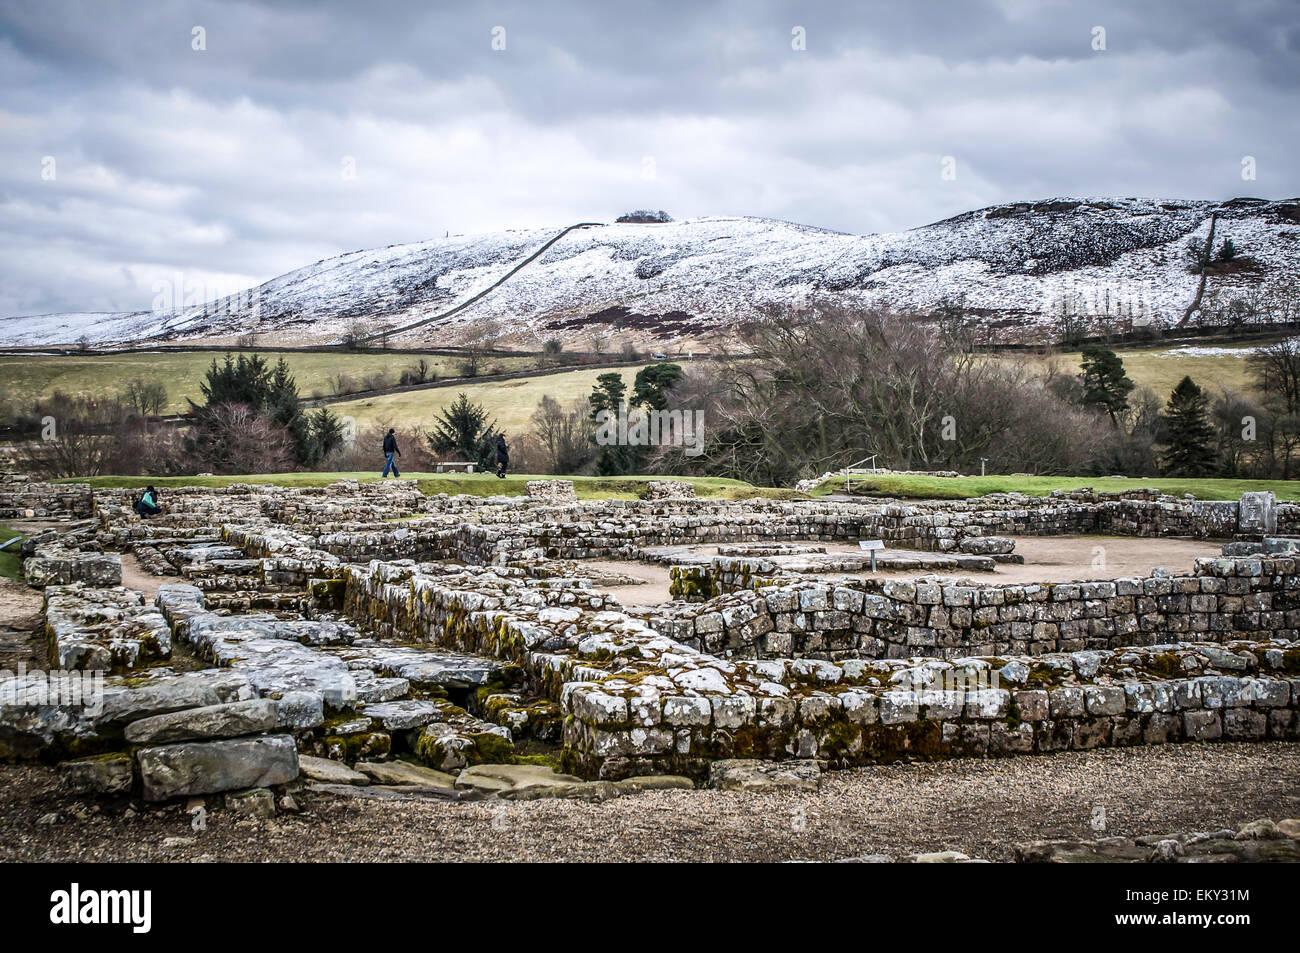 9a7b45aadcea8 Fredda giornata di gennaio presso il Vindolanda sito archeologico nei  pressi del Vallo di Adriano nel